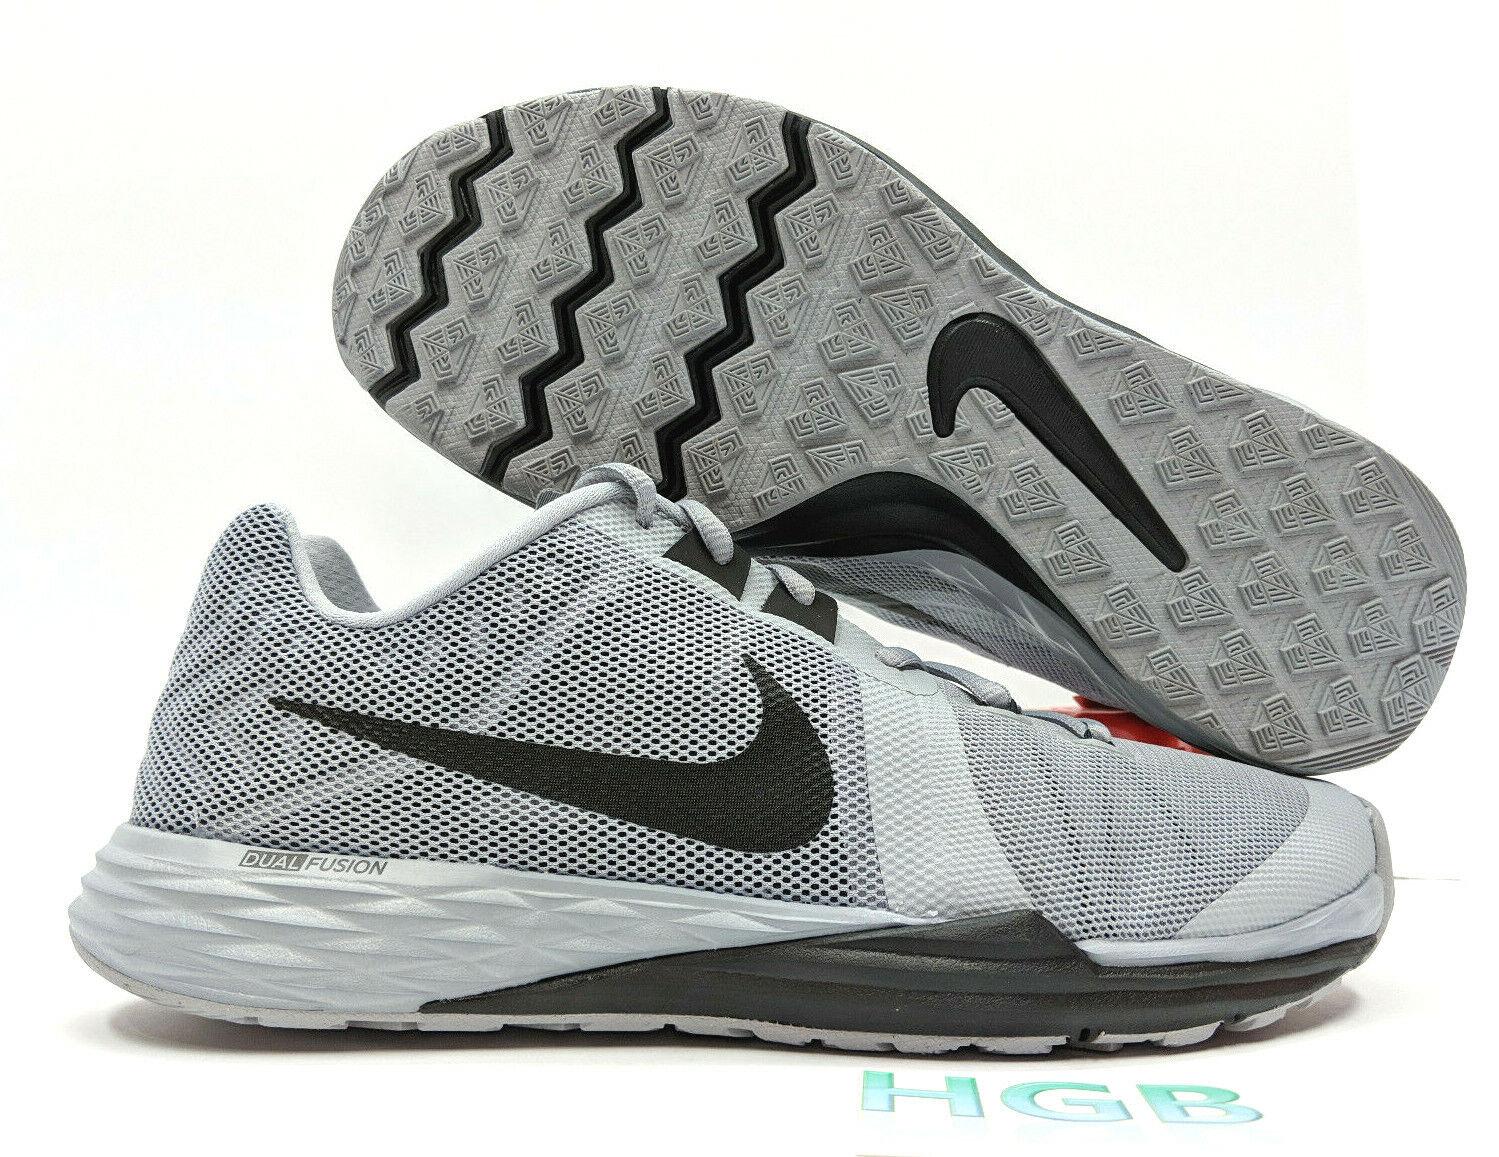 Nike Train Prime Iron DF Mens Grey Black White Training Gym shoes 832219-003 NIB